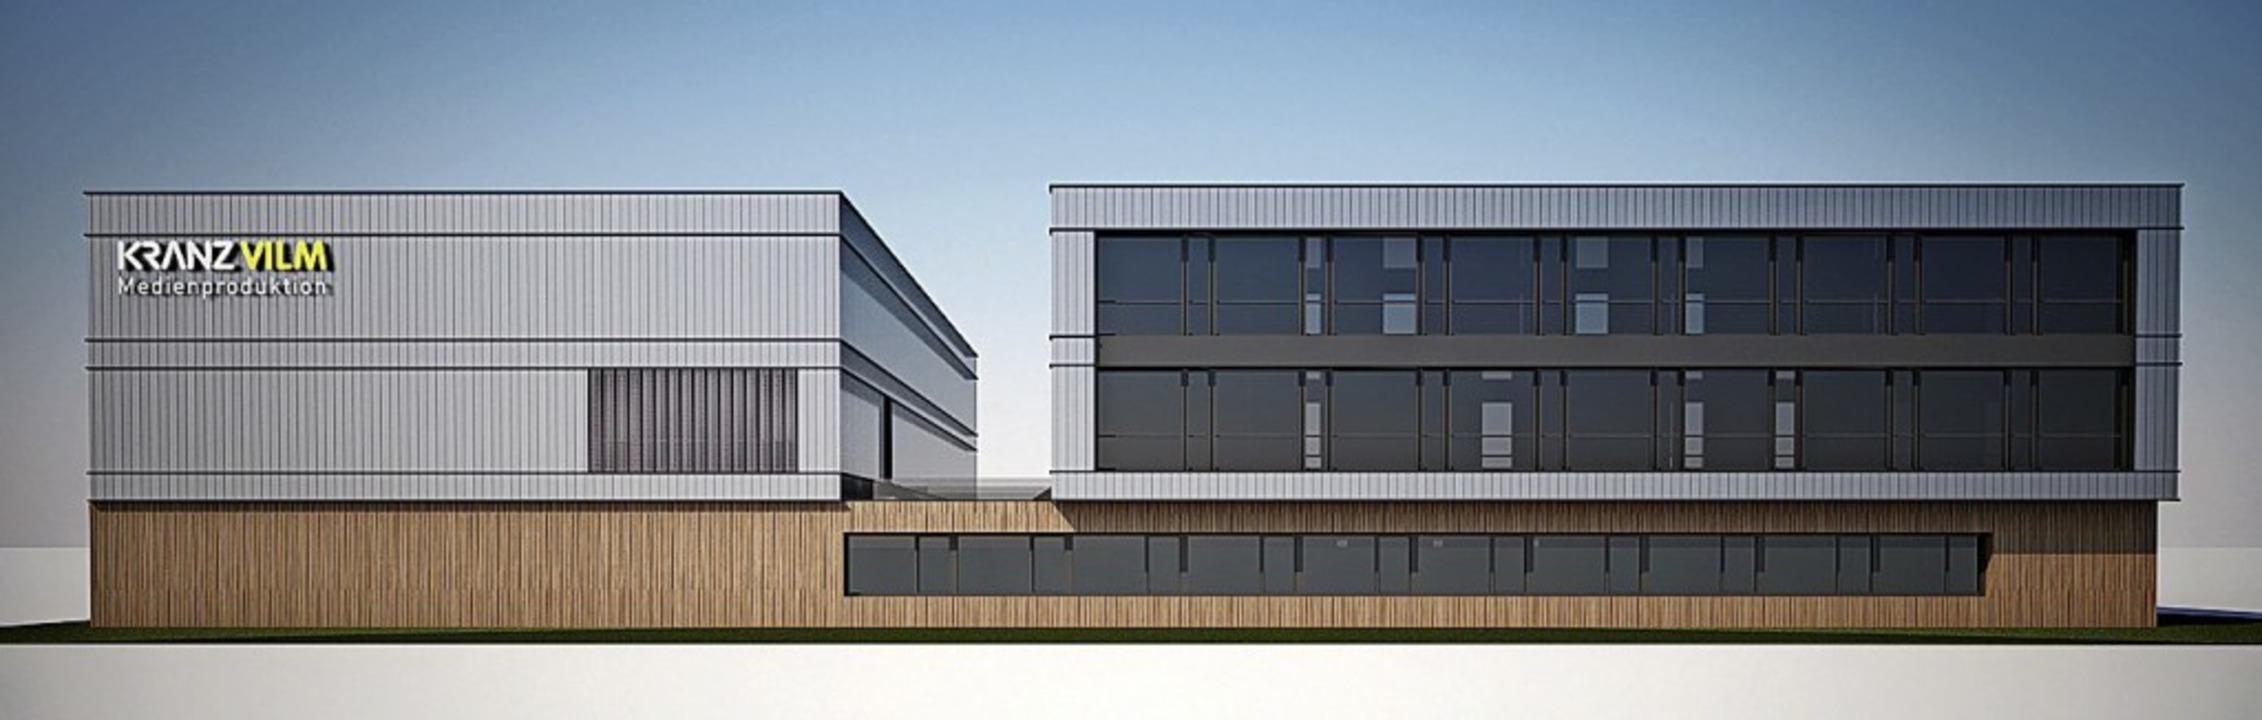 Das geplante Firmengebäude im Gewerbeg...aid-Süd: Spatenstich war vorige Woche.  | Foto: CARRÉ PLANUNGSGESELLSCHAFT MBH